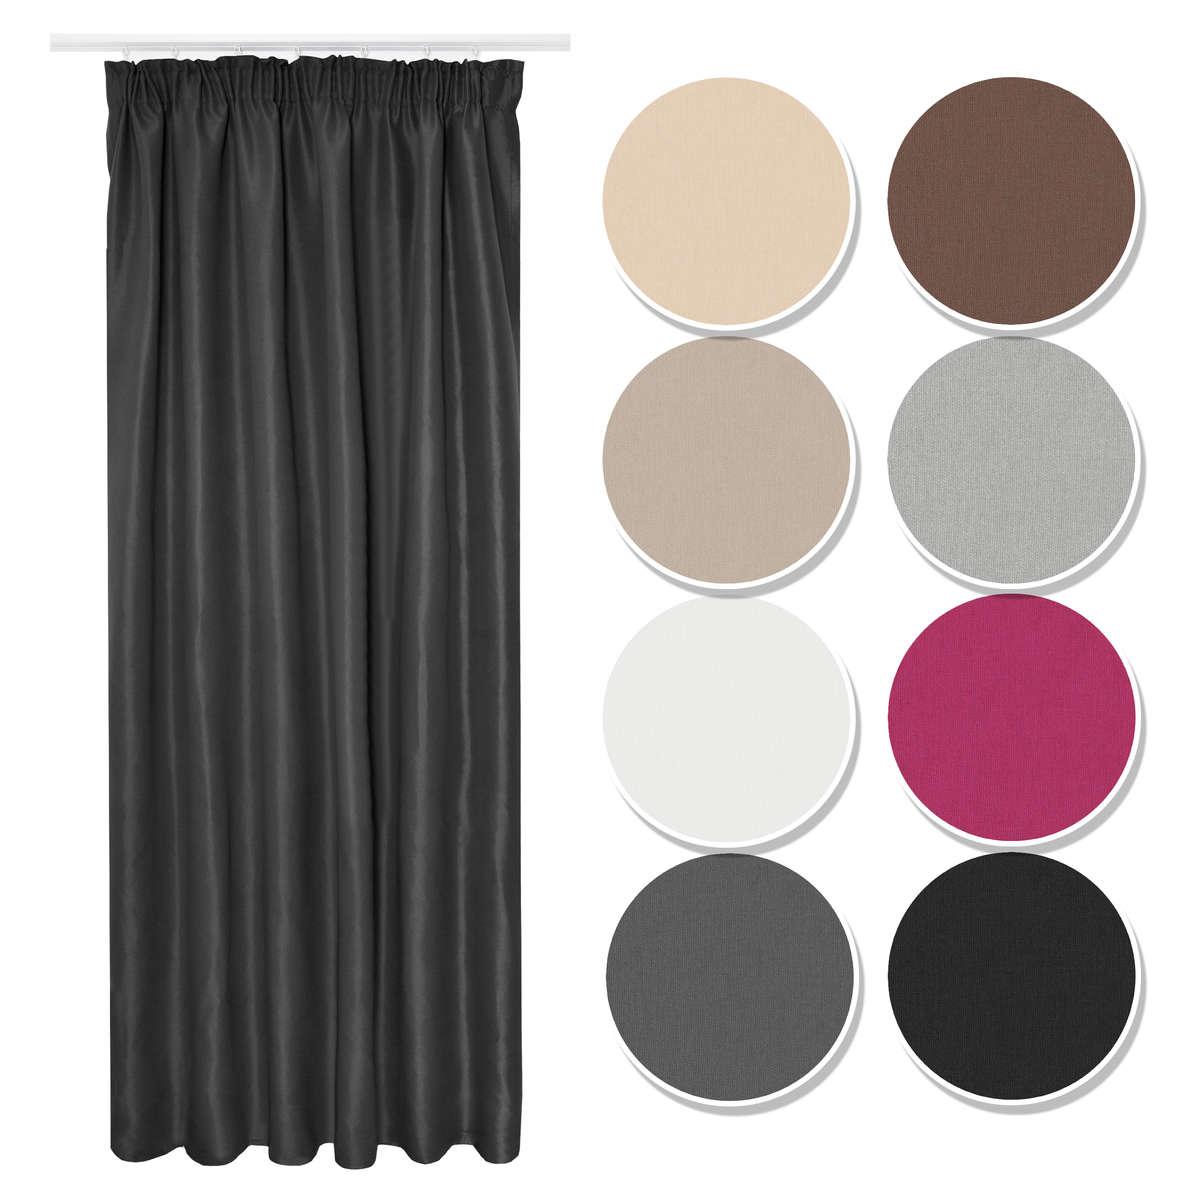 Vorhang Gardine Curtain Blickdicht Kräuselband schwarz 18x18 cm